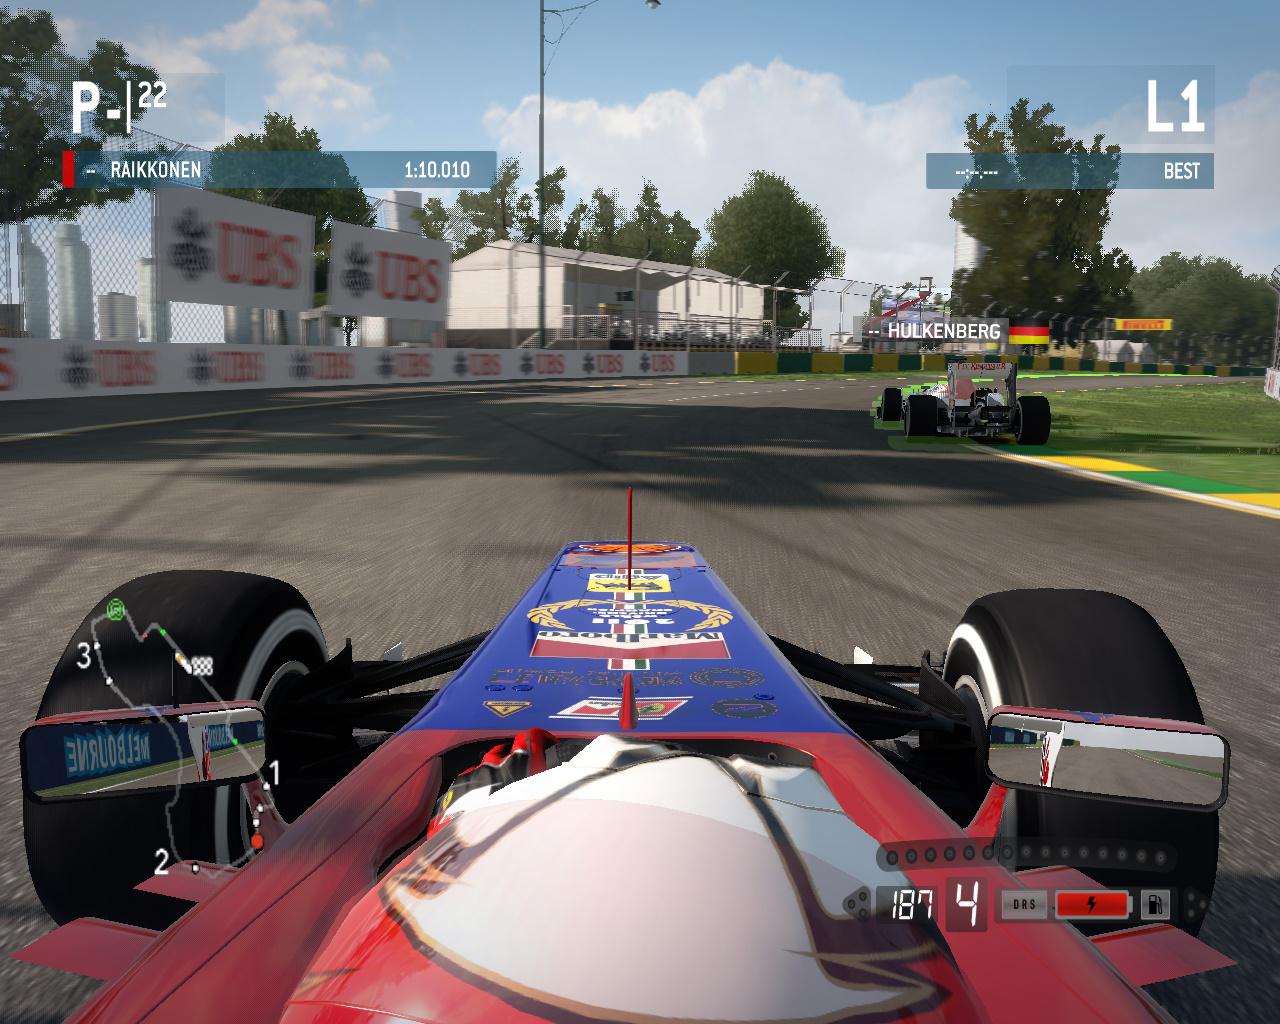 F1_2013 2013-12-15 09-41-20-573.jpg